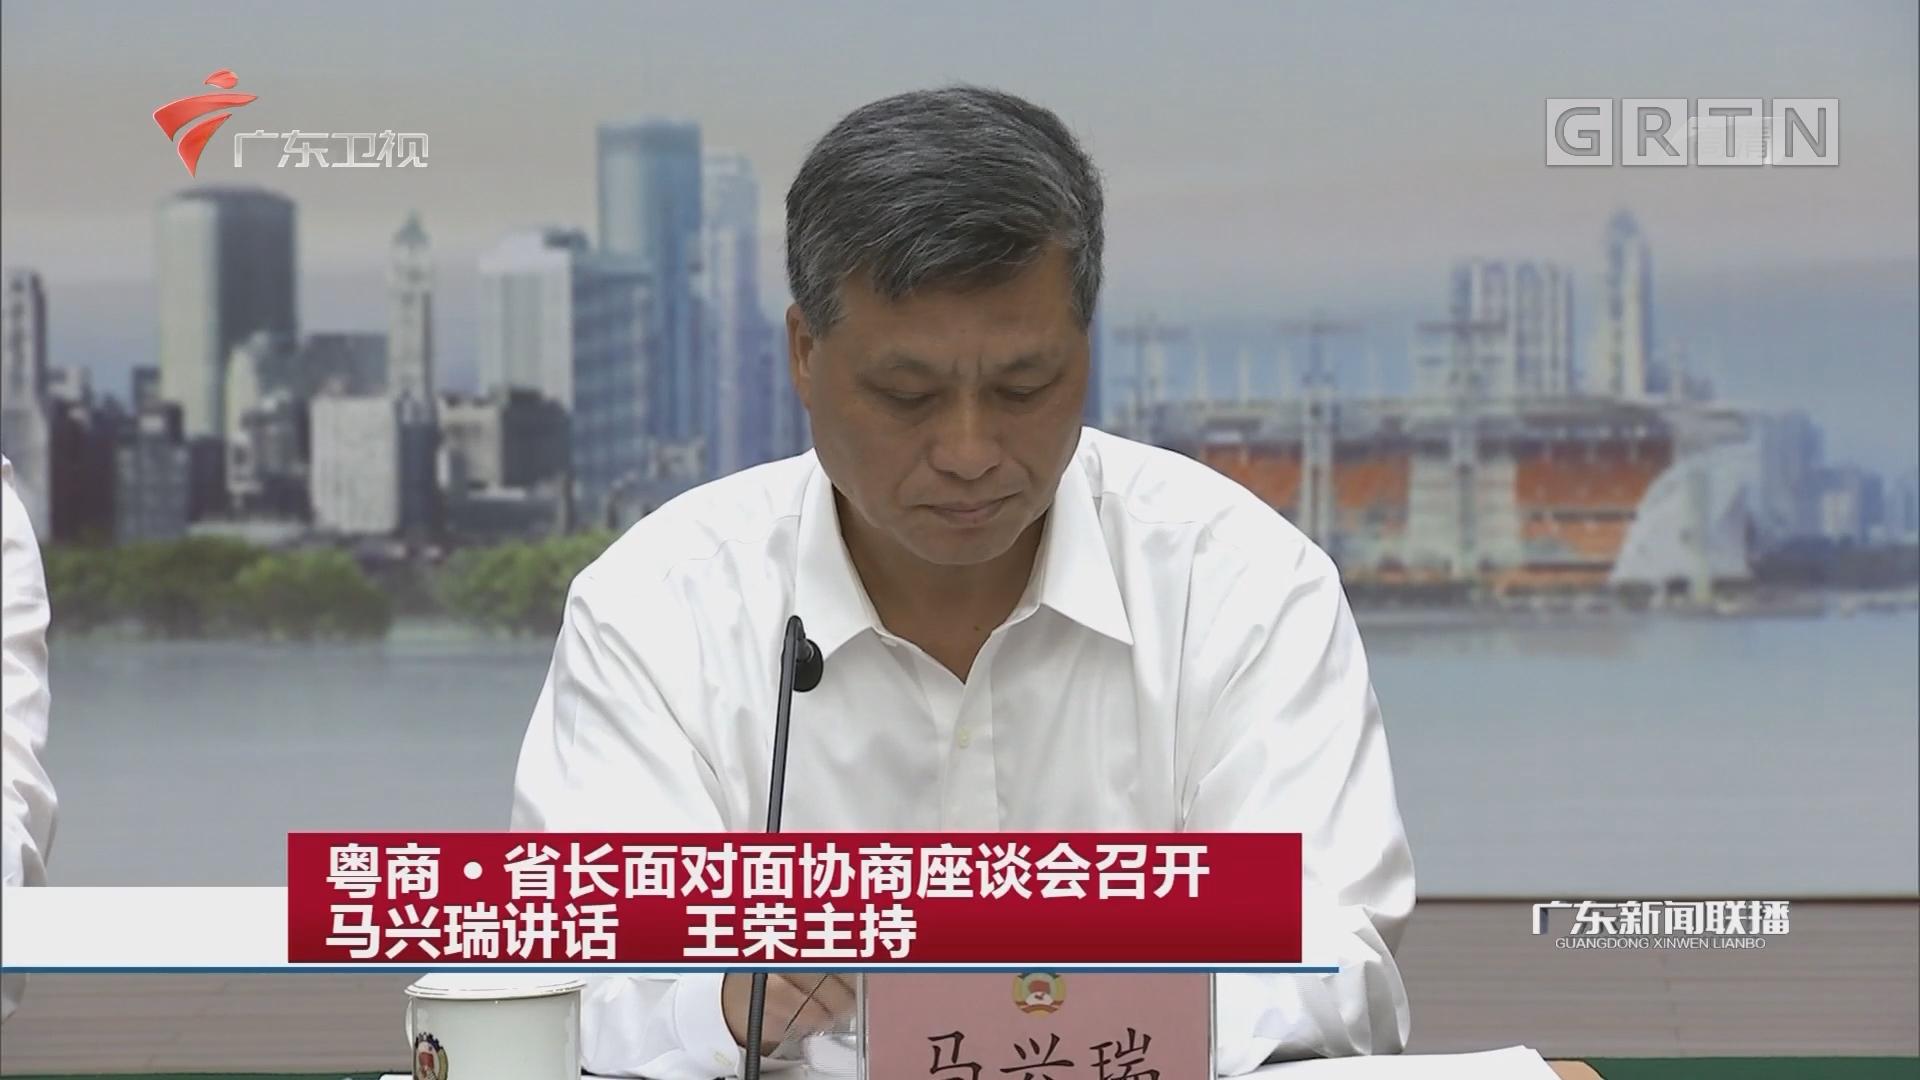 粤商·省长面对面协商座谈会召开 马兴瑞讲话 王荣主持